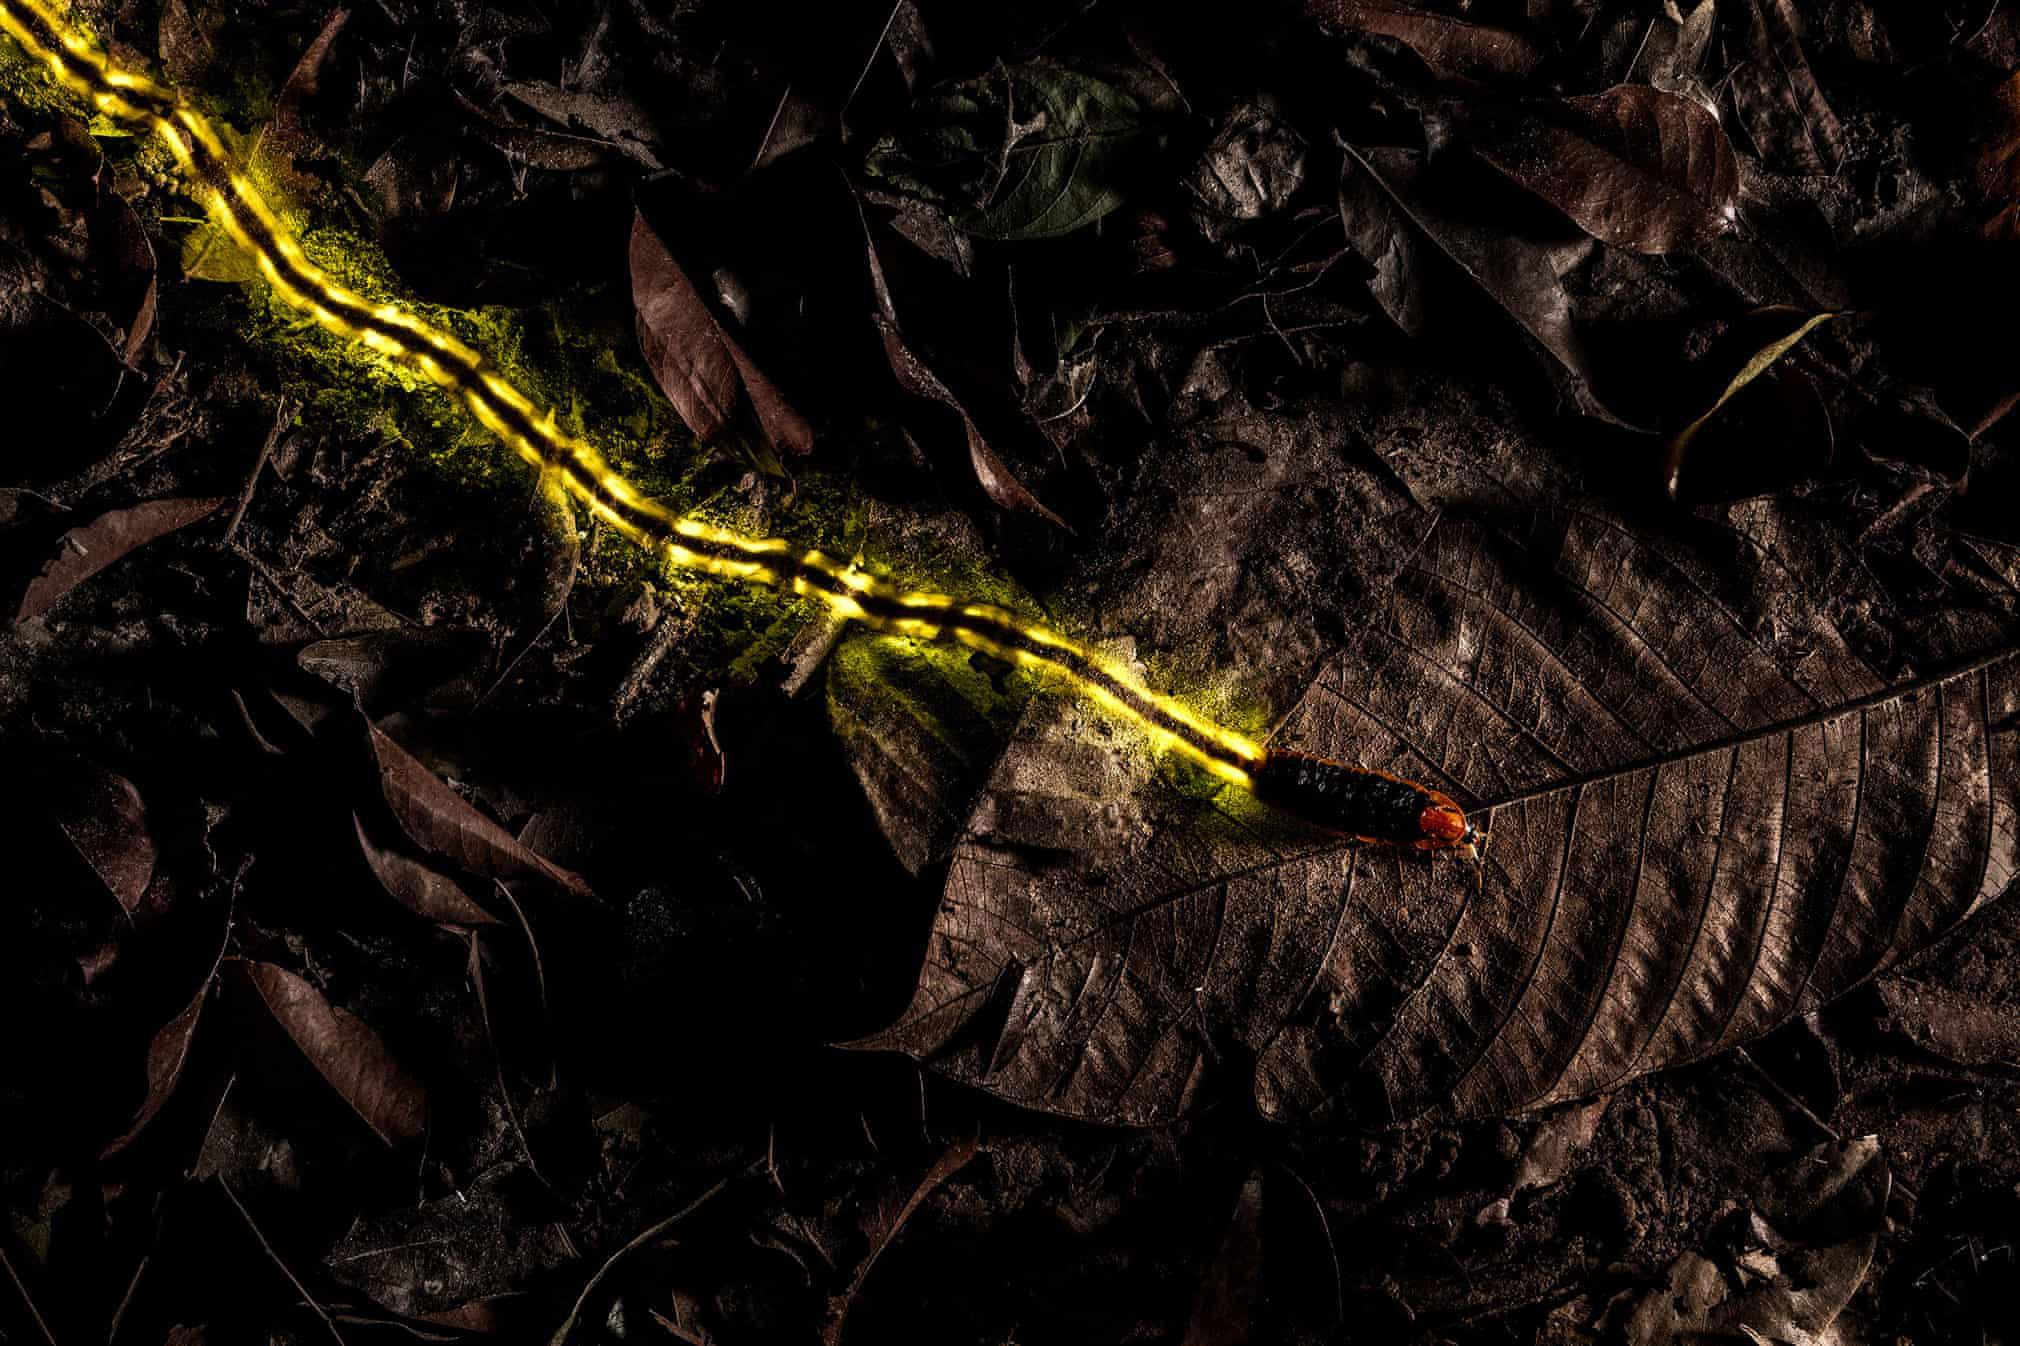 Крупный светлячок (около восьми сантиметров длиной) излучает свечение. Уэтого вида насекомых свечение служит способом коммуникации ипроисходит засчет специальных органов — лантернов, расположенных напоследних брюшных сегментах.